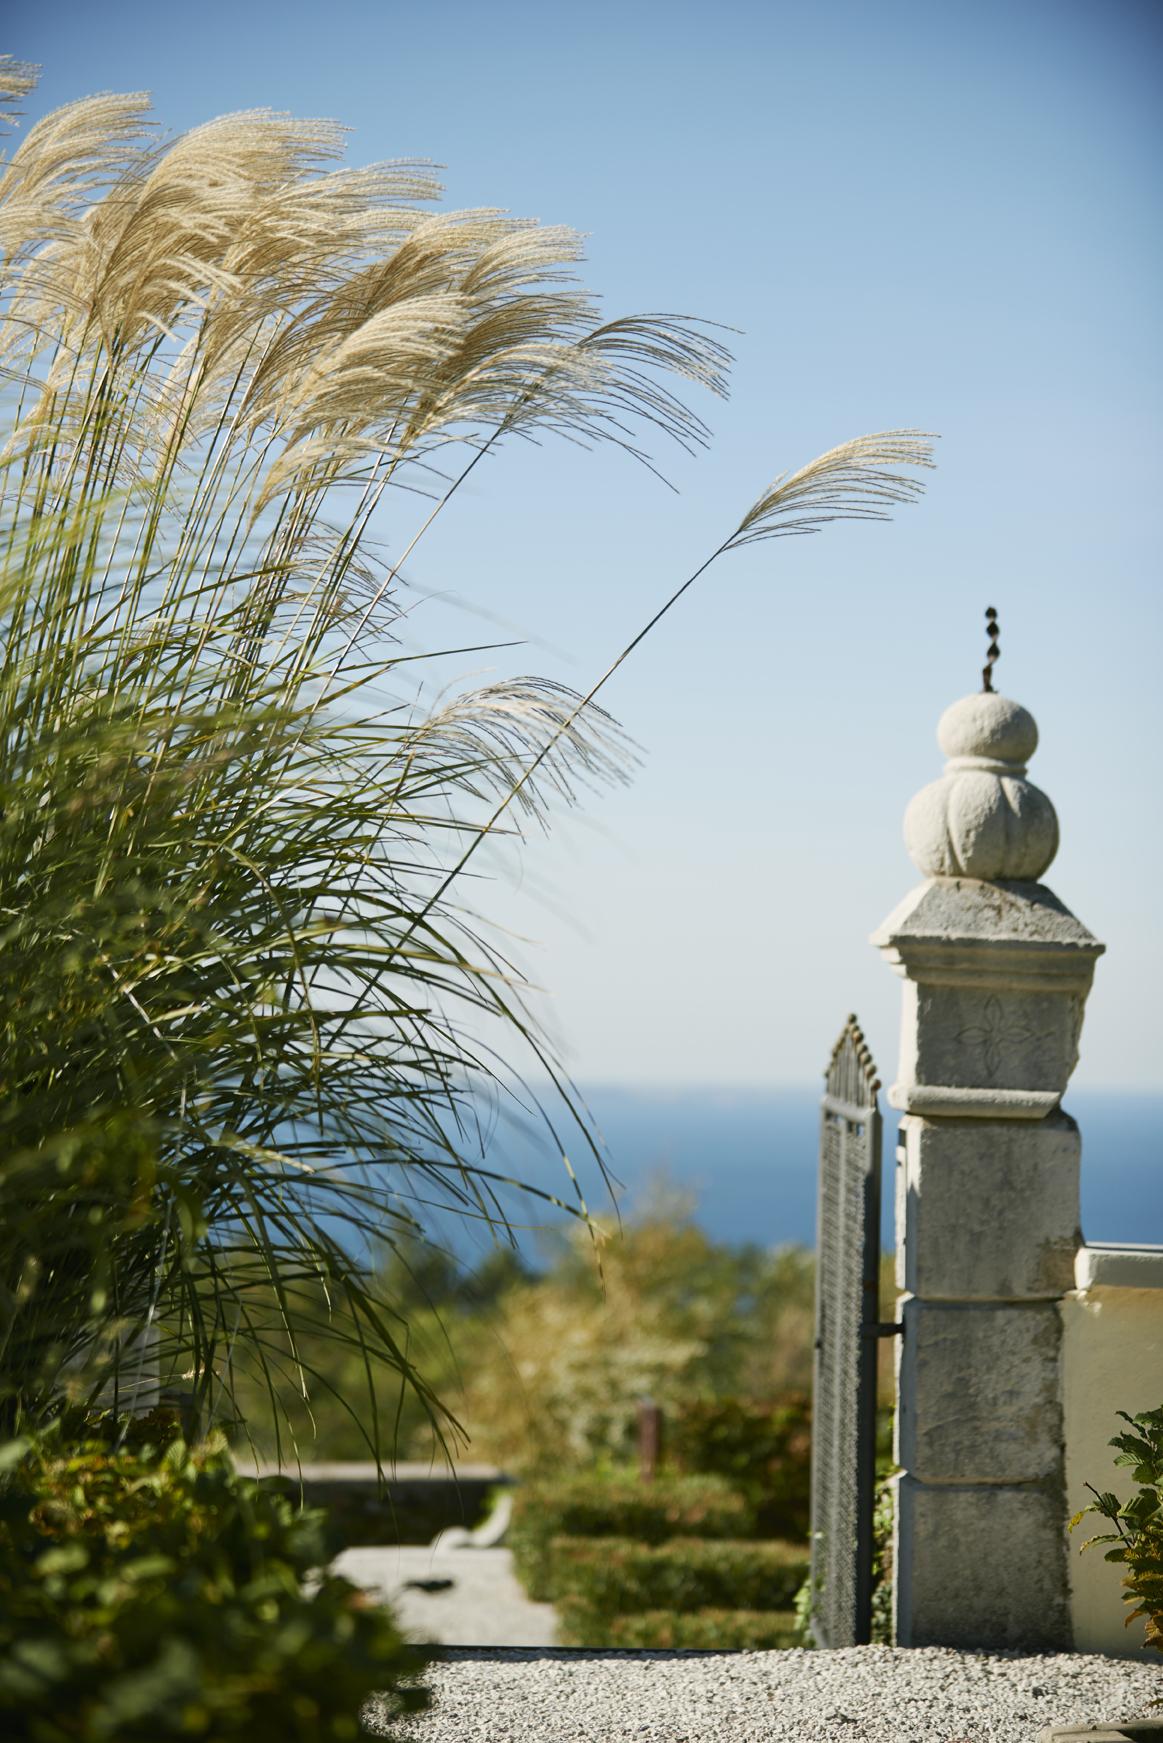 Villa_Bonomo_Giardino_fiorito_5